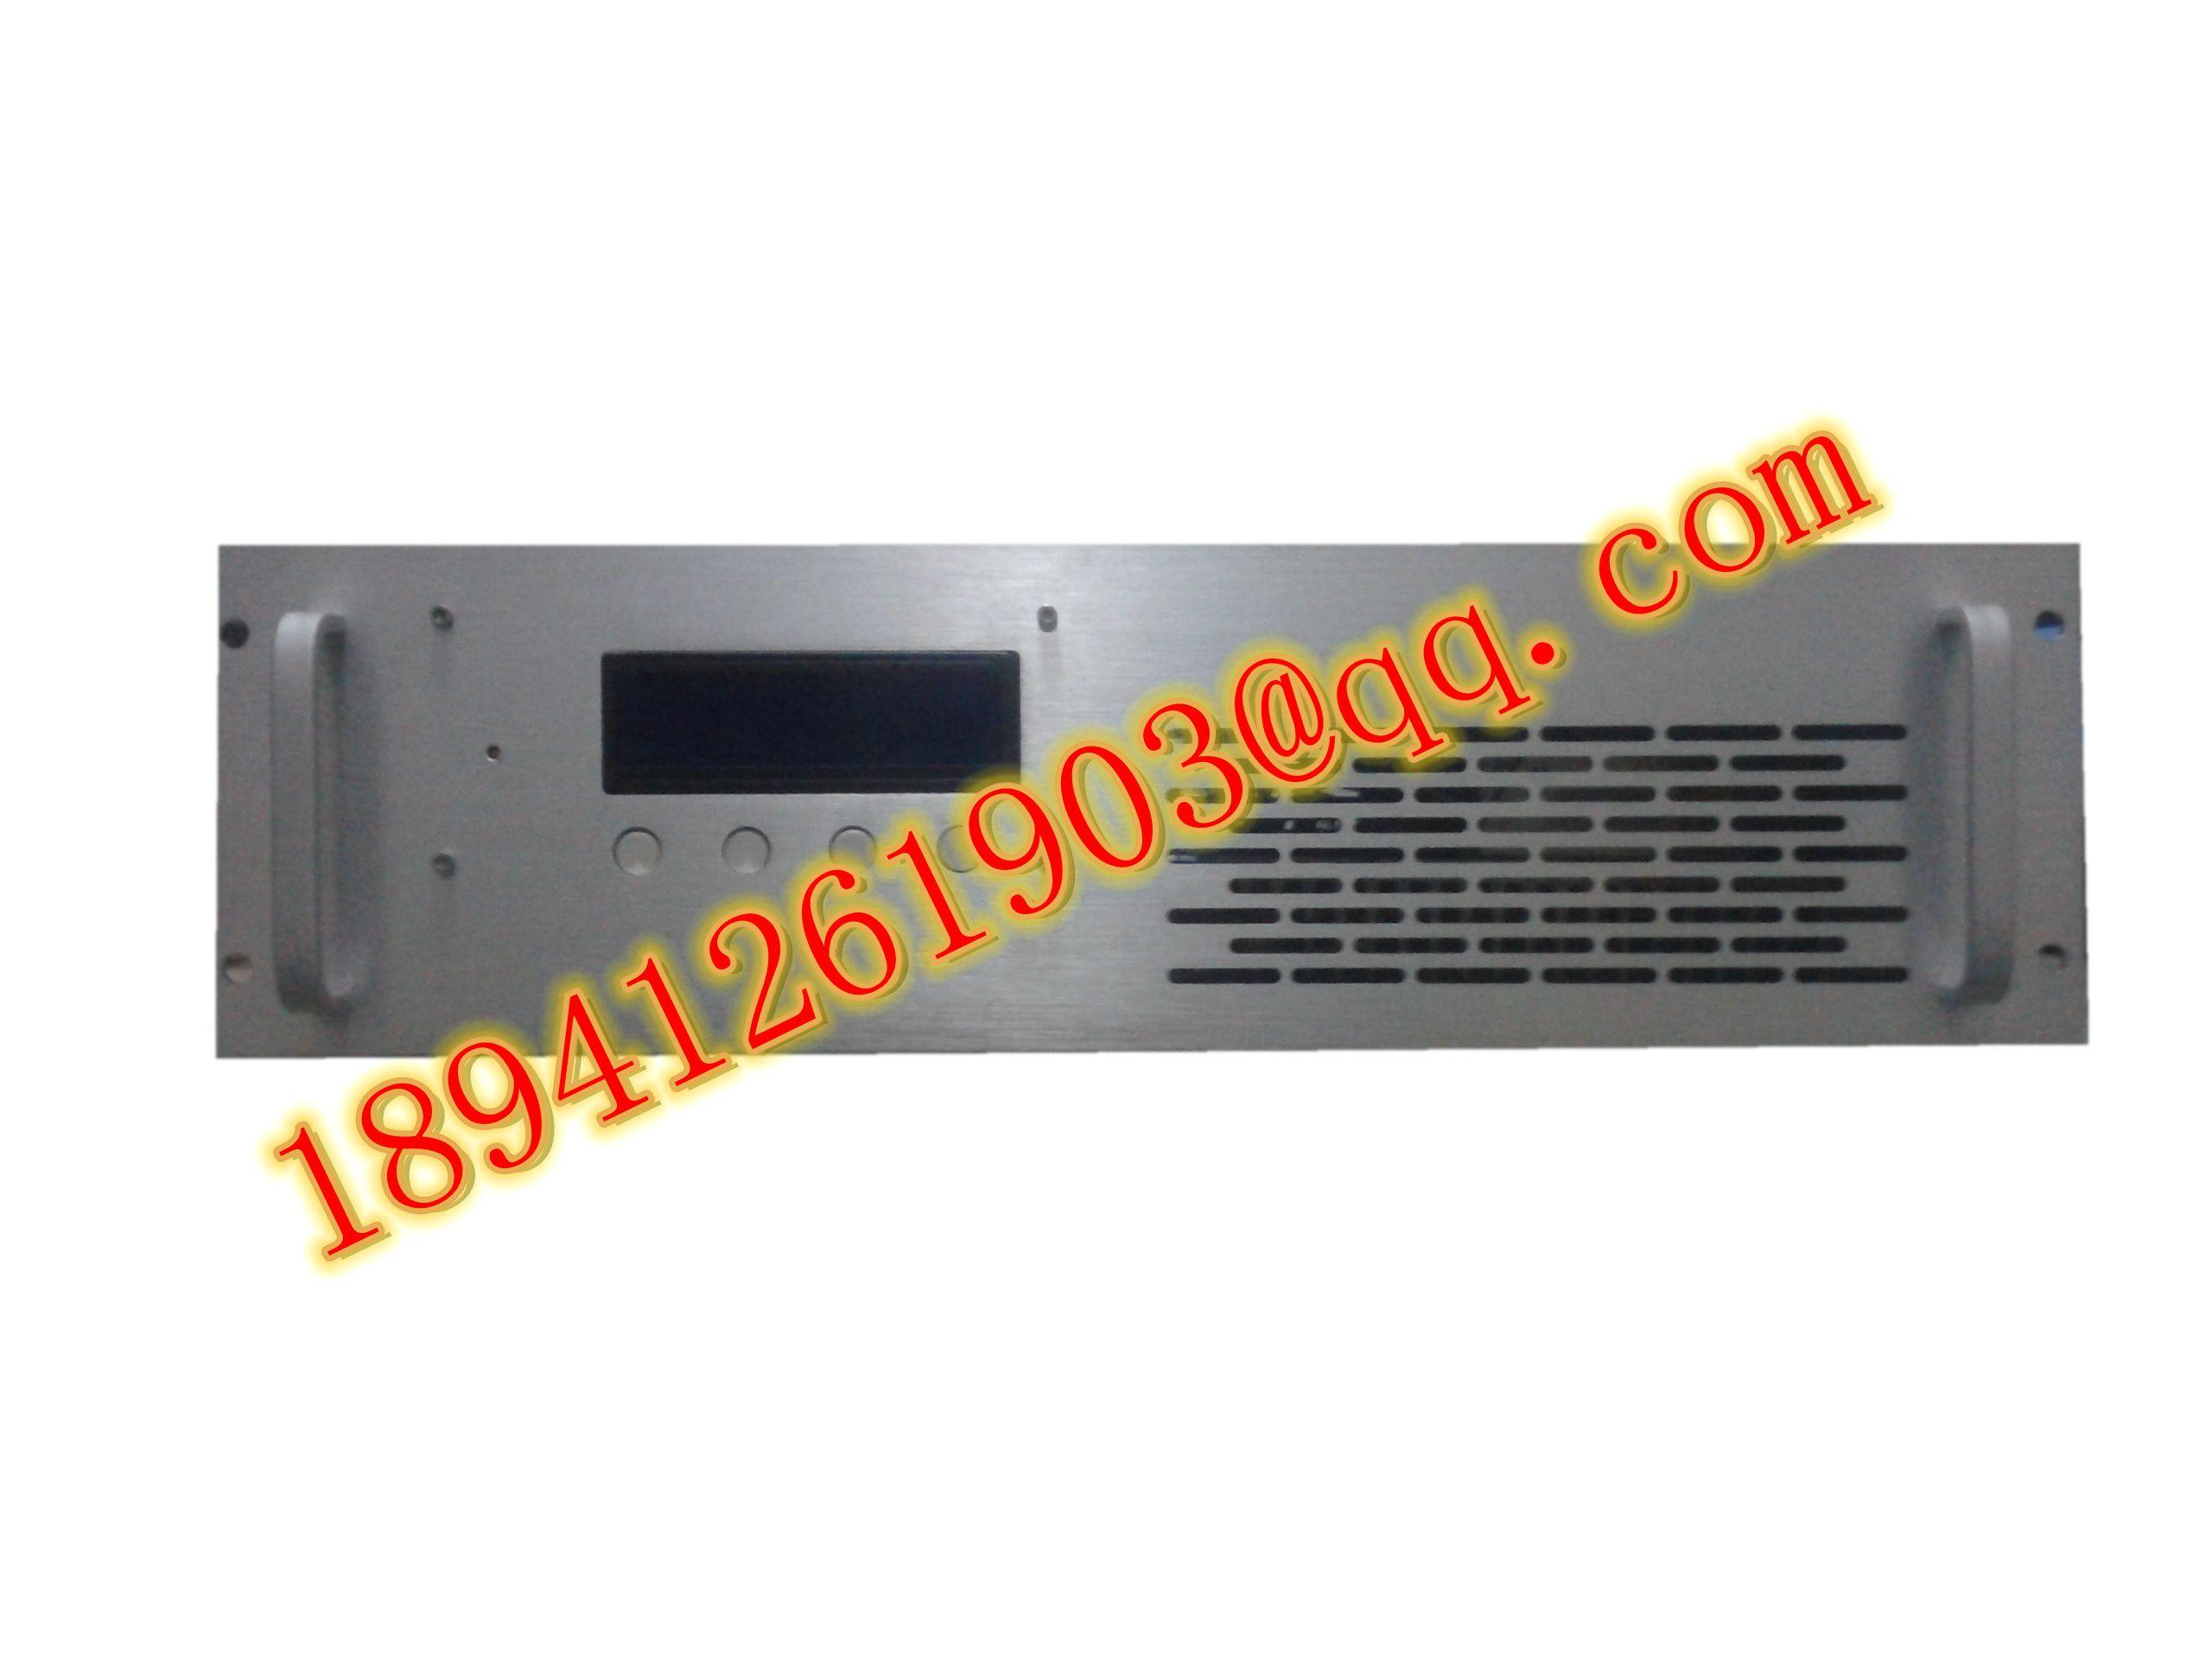 500w tv television transmitter TV transmitter wireless video transmitter transmitting antenna(China (Mainland))